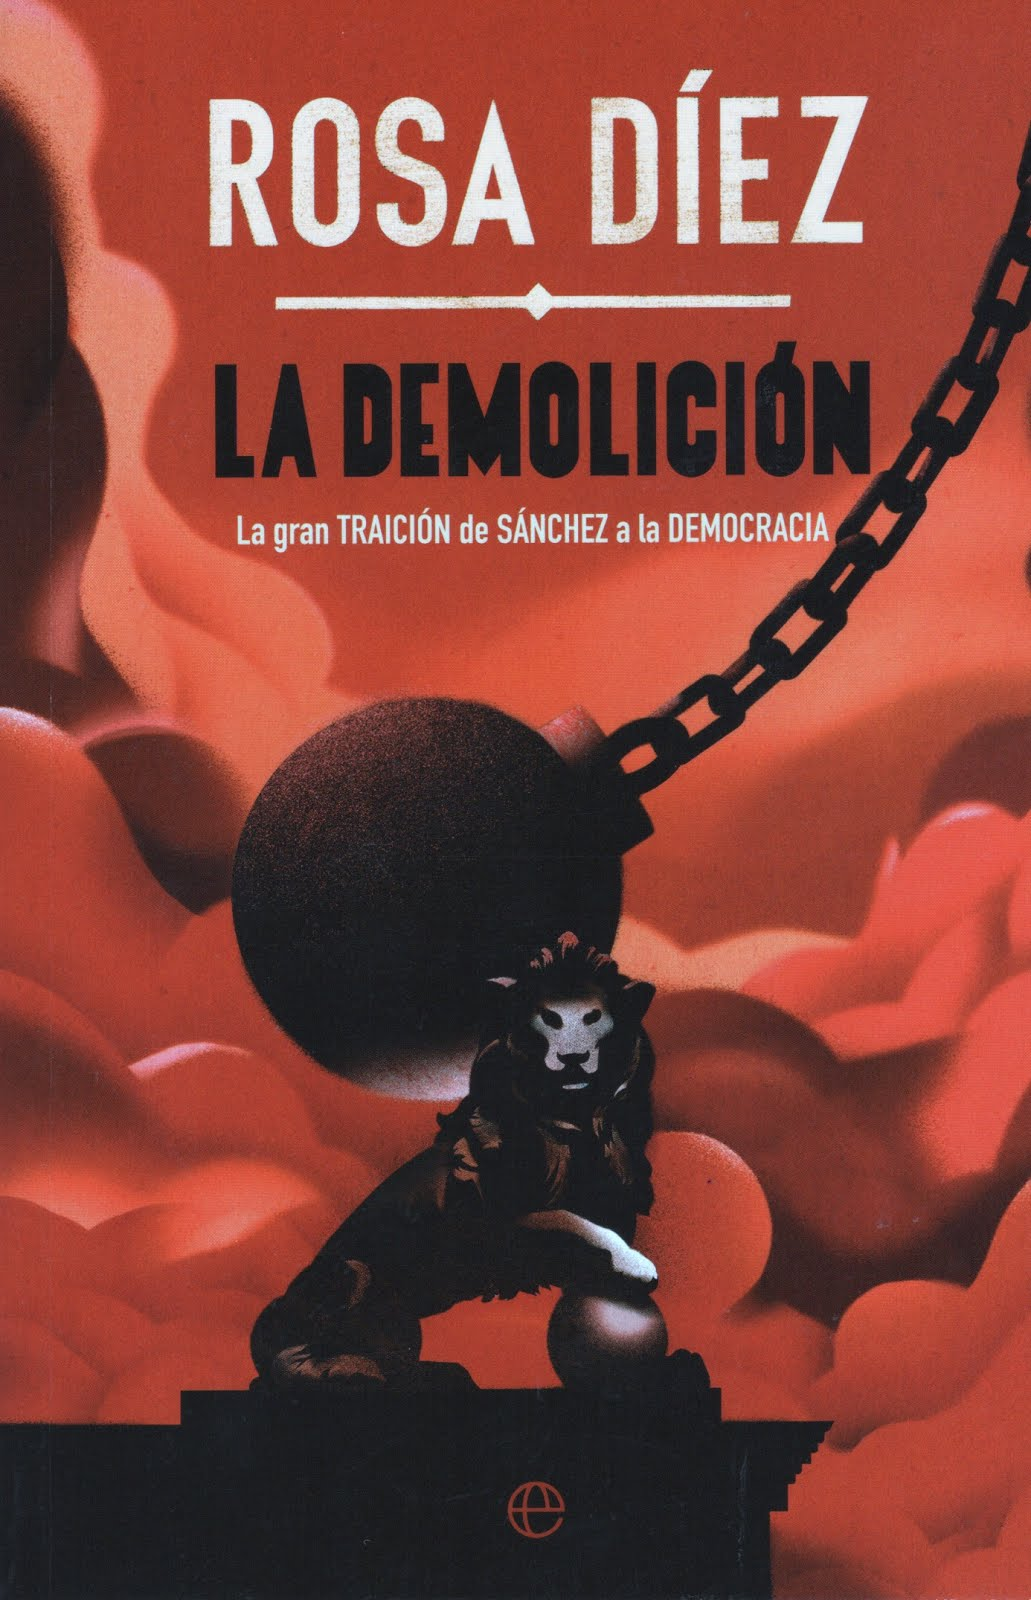 Rosa Díez (La demolición) La gran traición de Sánchez a la democracia